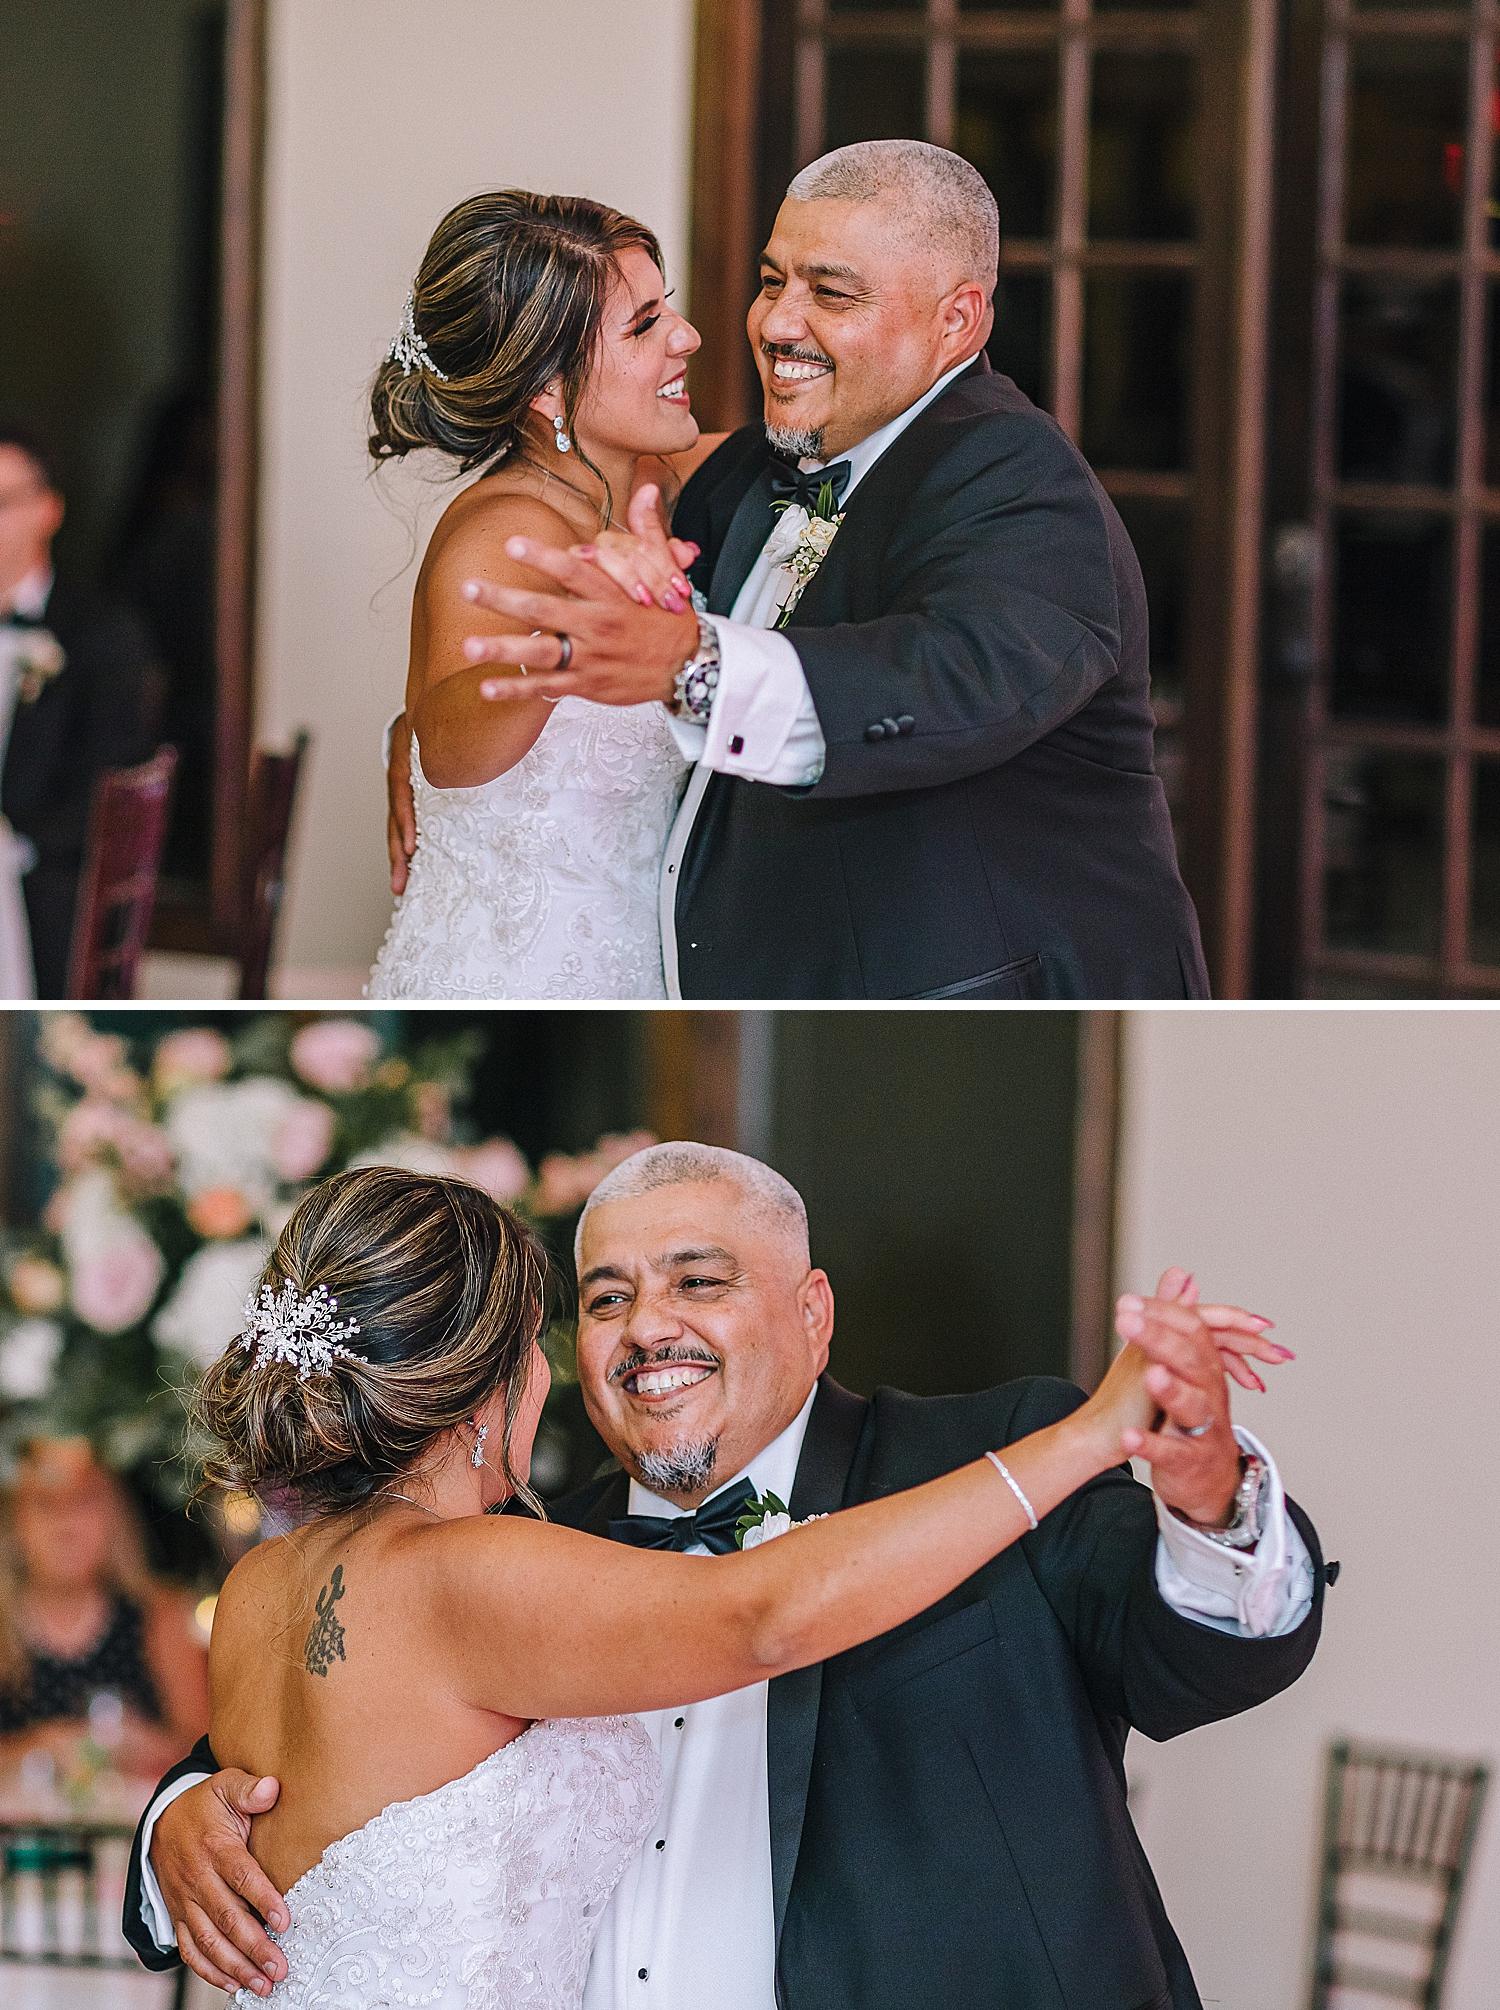 Carly-Barton-Photography-The-Villa-at-Cielo-Vista-Blush-Gold-White-Wedding-Photos_0058.jpg